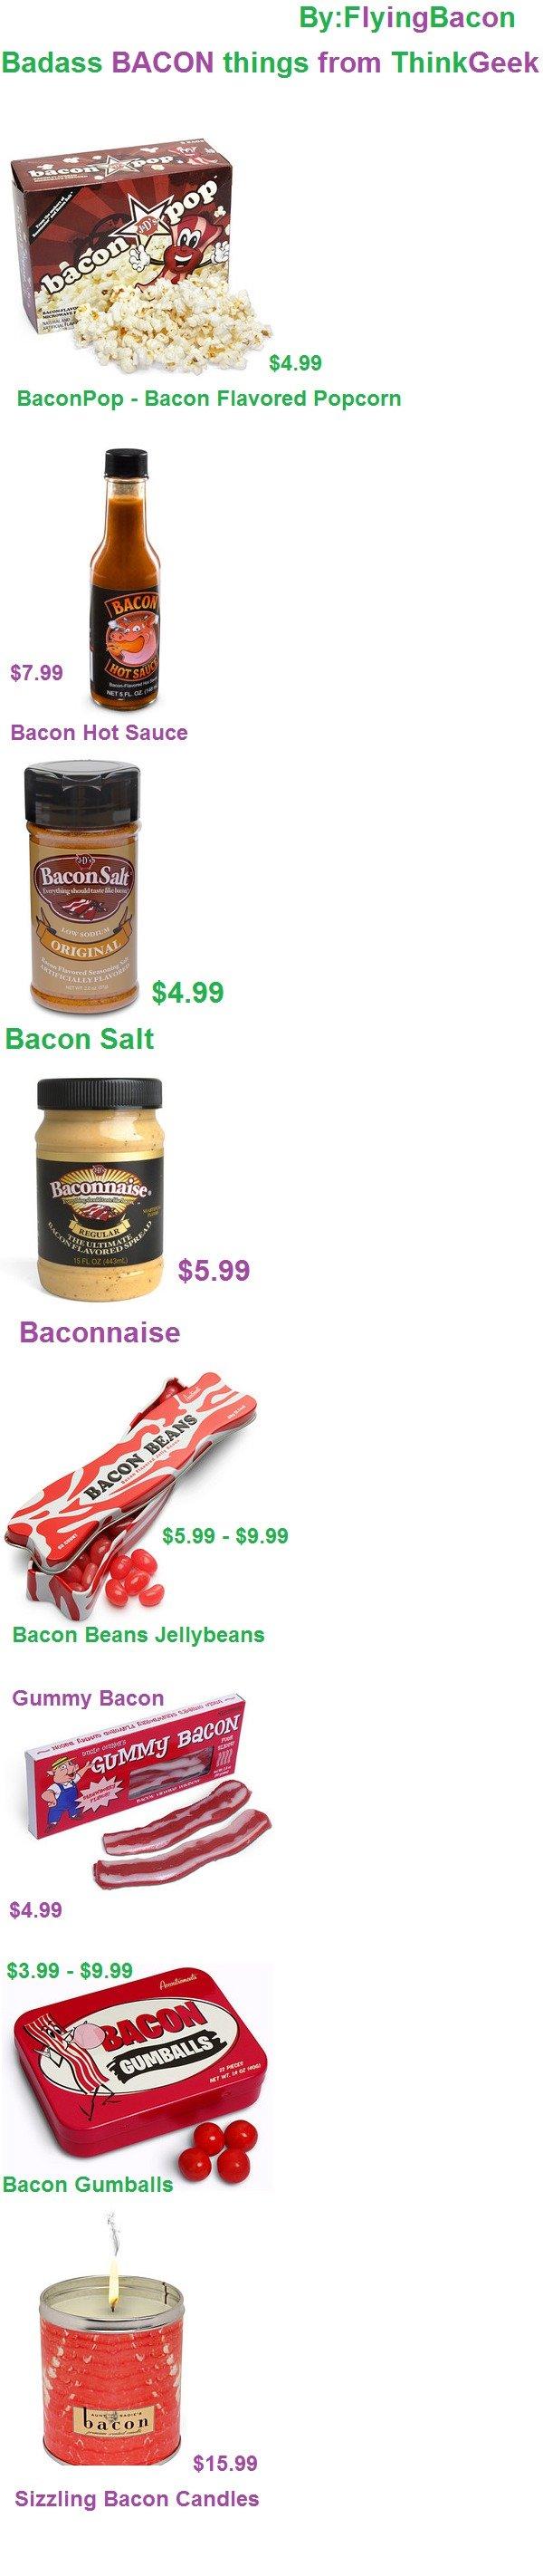 ThinkGeek 2(links in the description). BaconPop - Bacon Flavored Popcorn: www.thinkgeek.com/caffeine/bacon/cf26/ Bacon Hot Sauce: www.thinkgeek.com/caffeine/bac